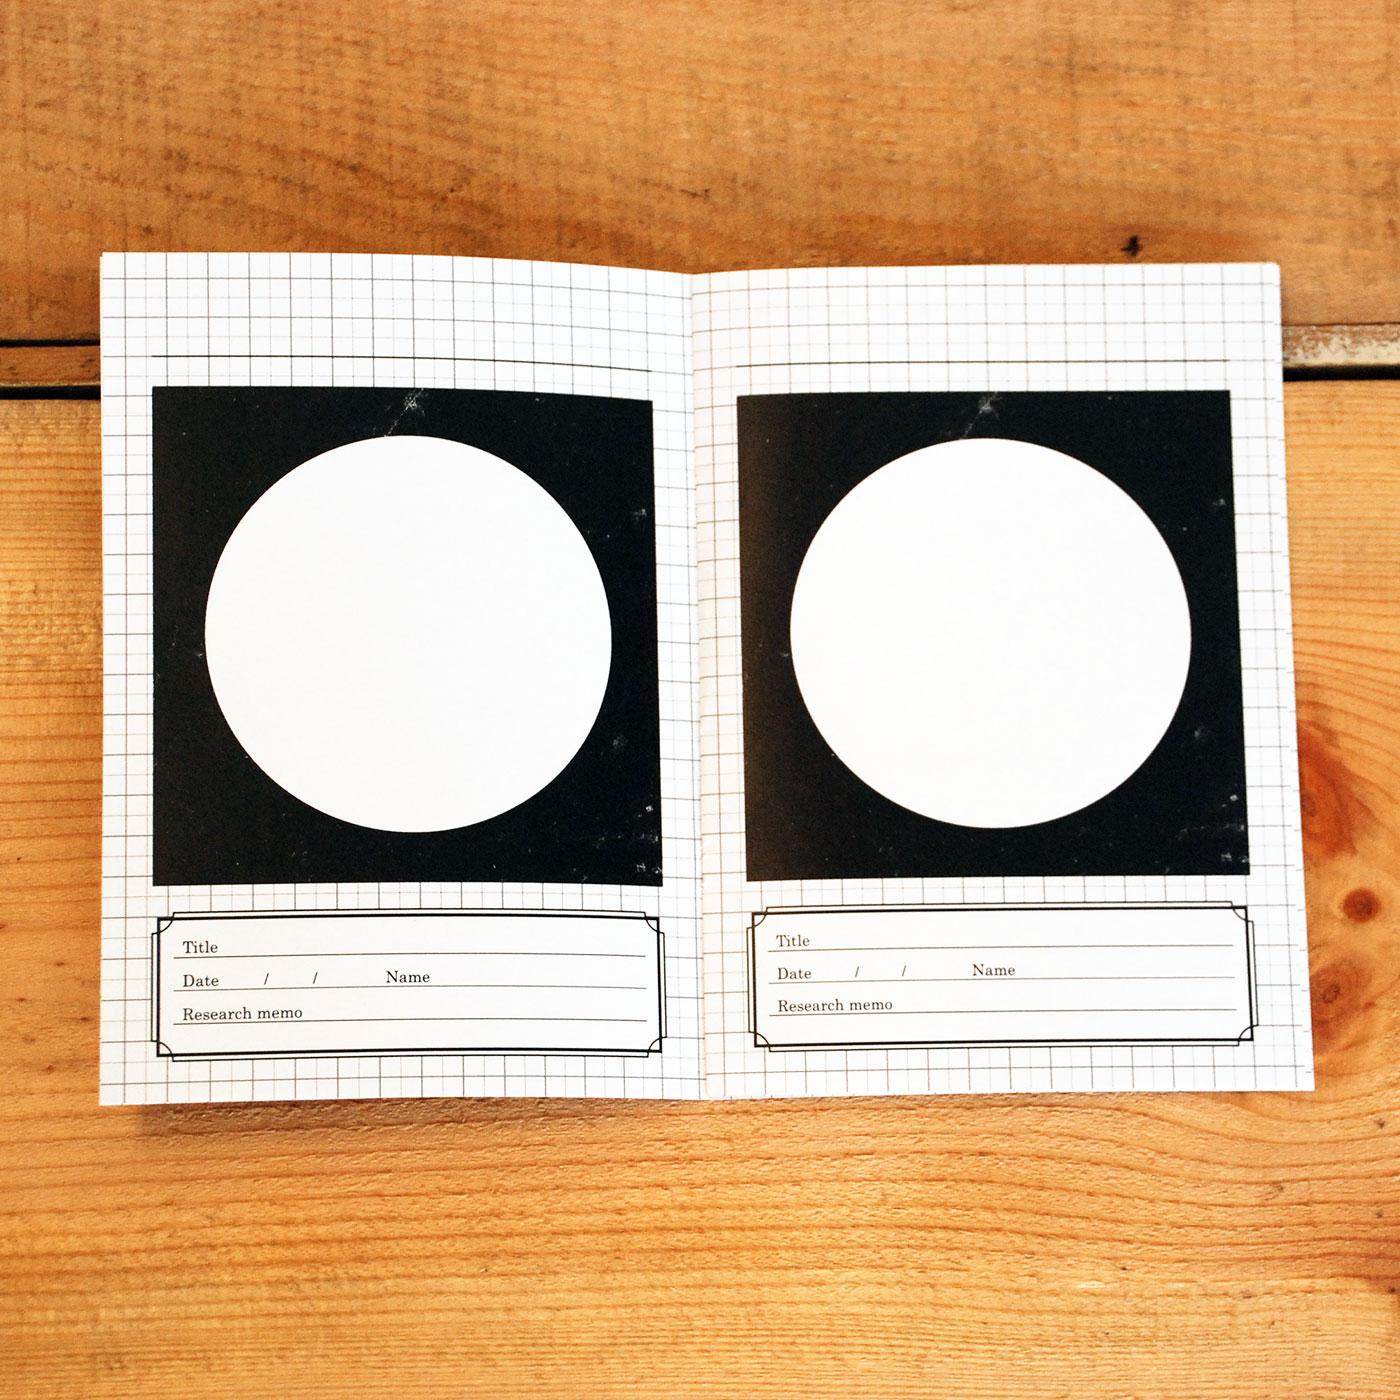 惑星図鑑ノートにできた惑星の絵、写真や特徴を書けば、自分だけの惑星図鑑が完成。